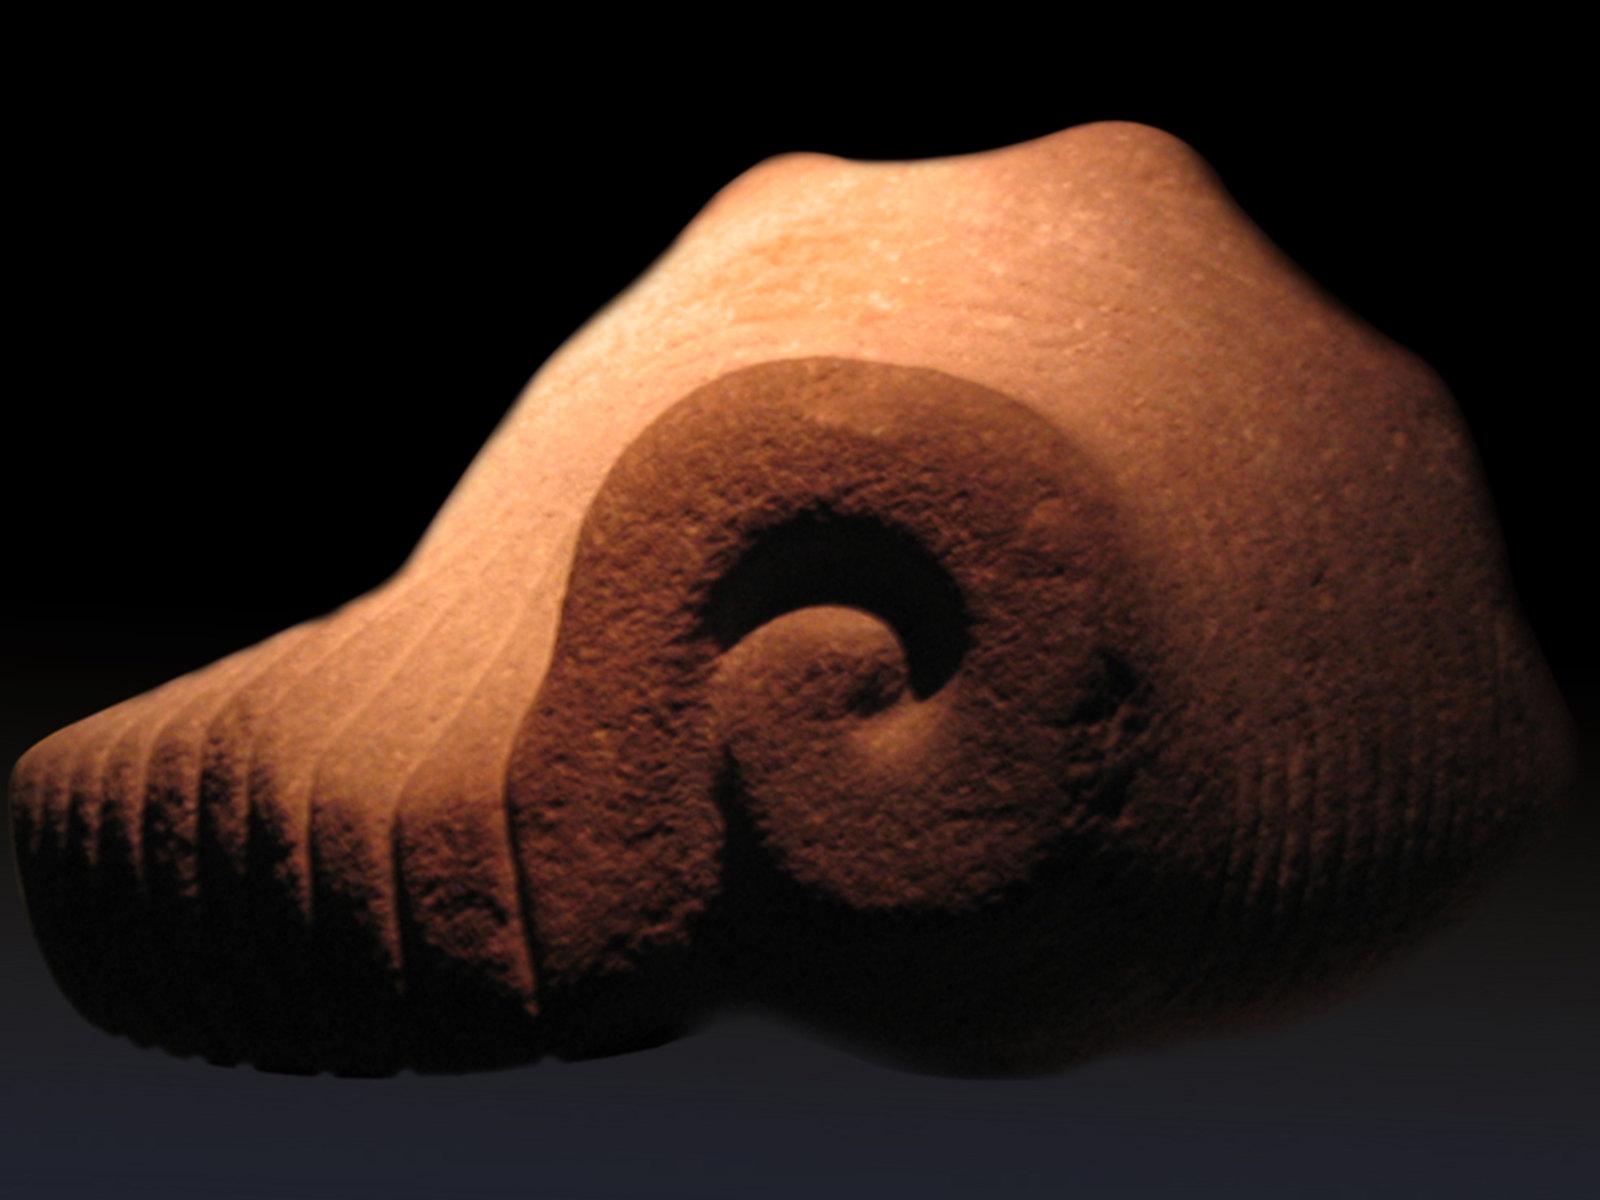 Museo Nacional de Antropología, México